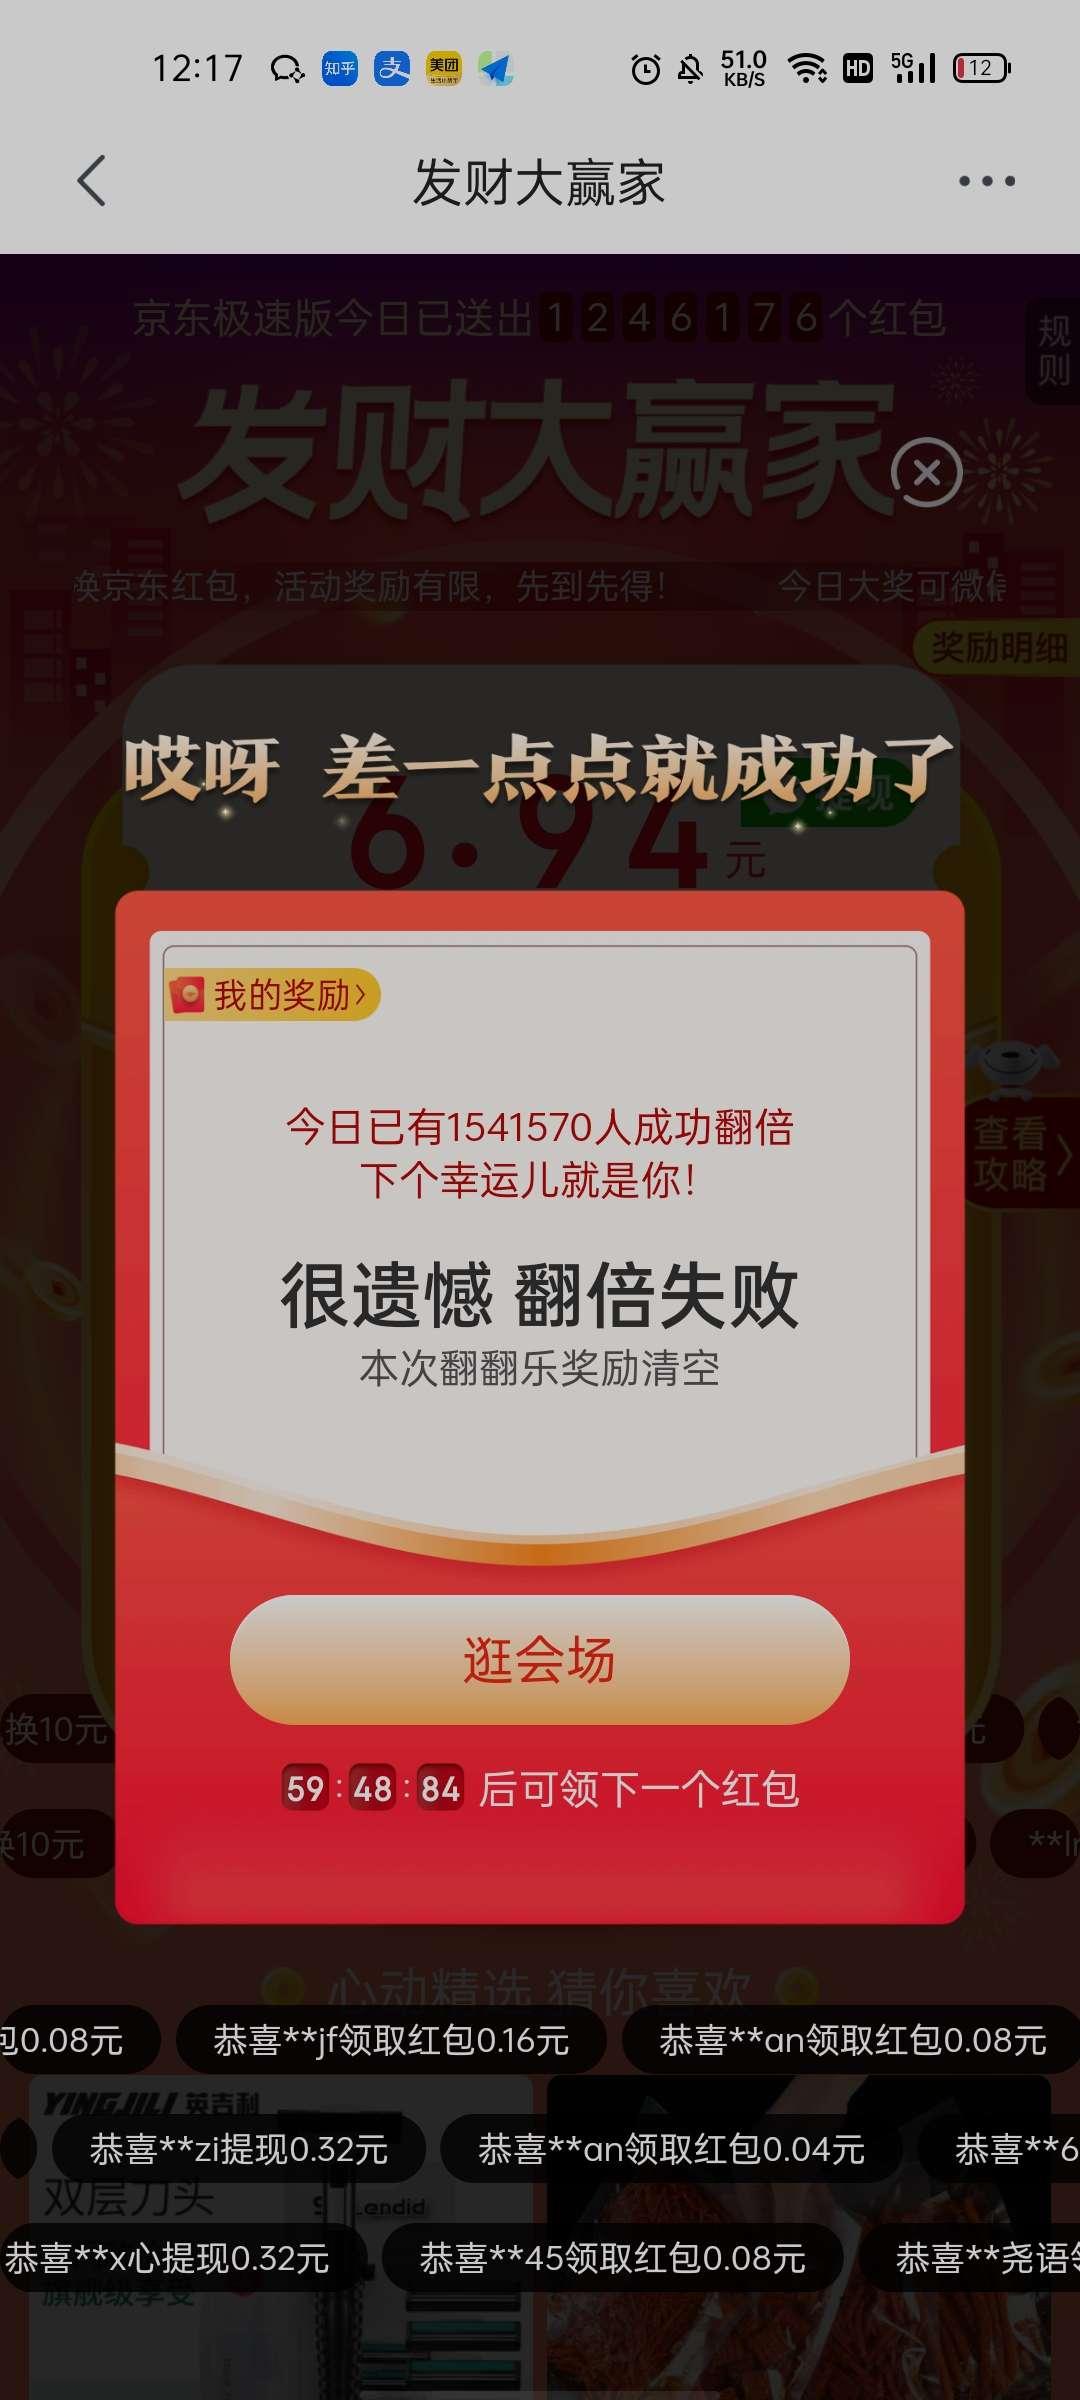 [无限制]京东商城极速版大红包每钟头0.32及之上插图2